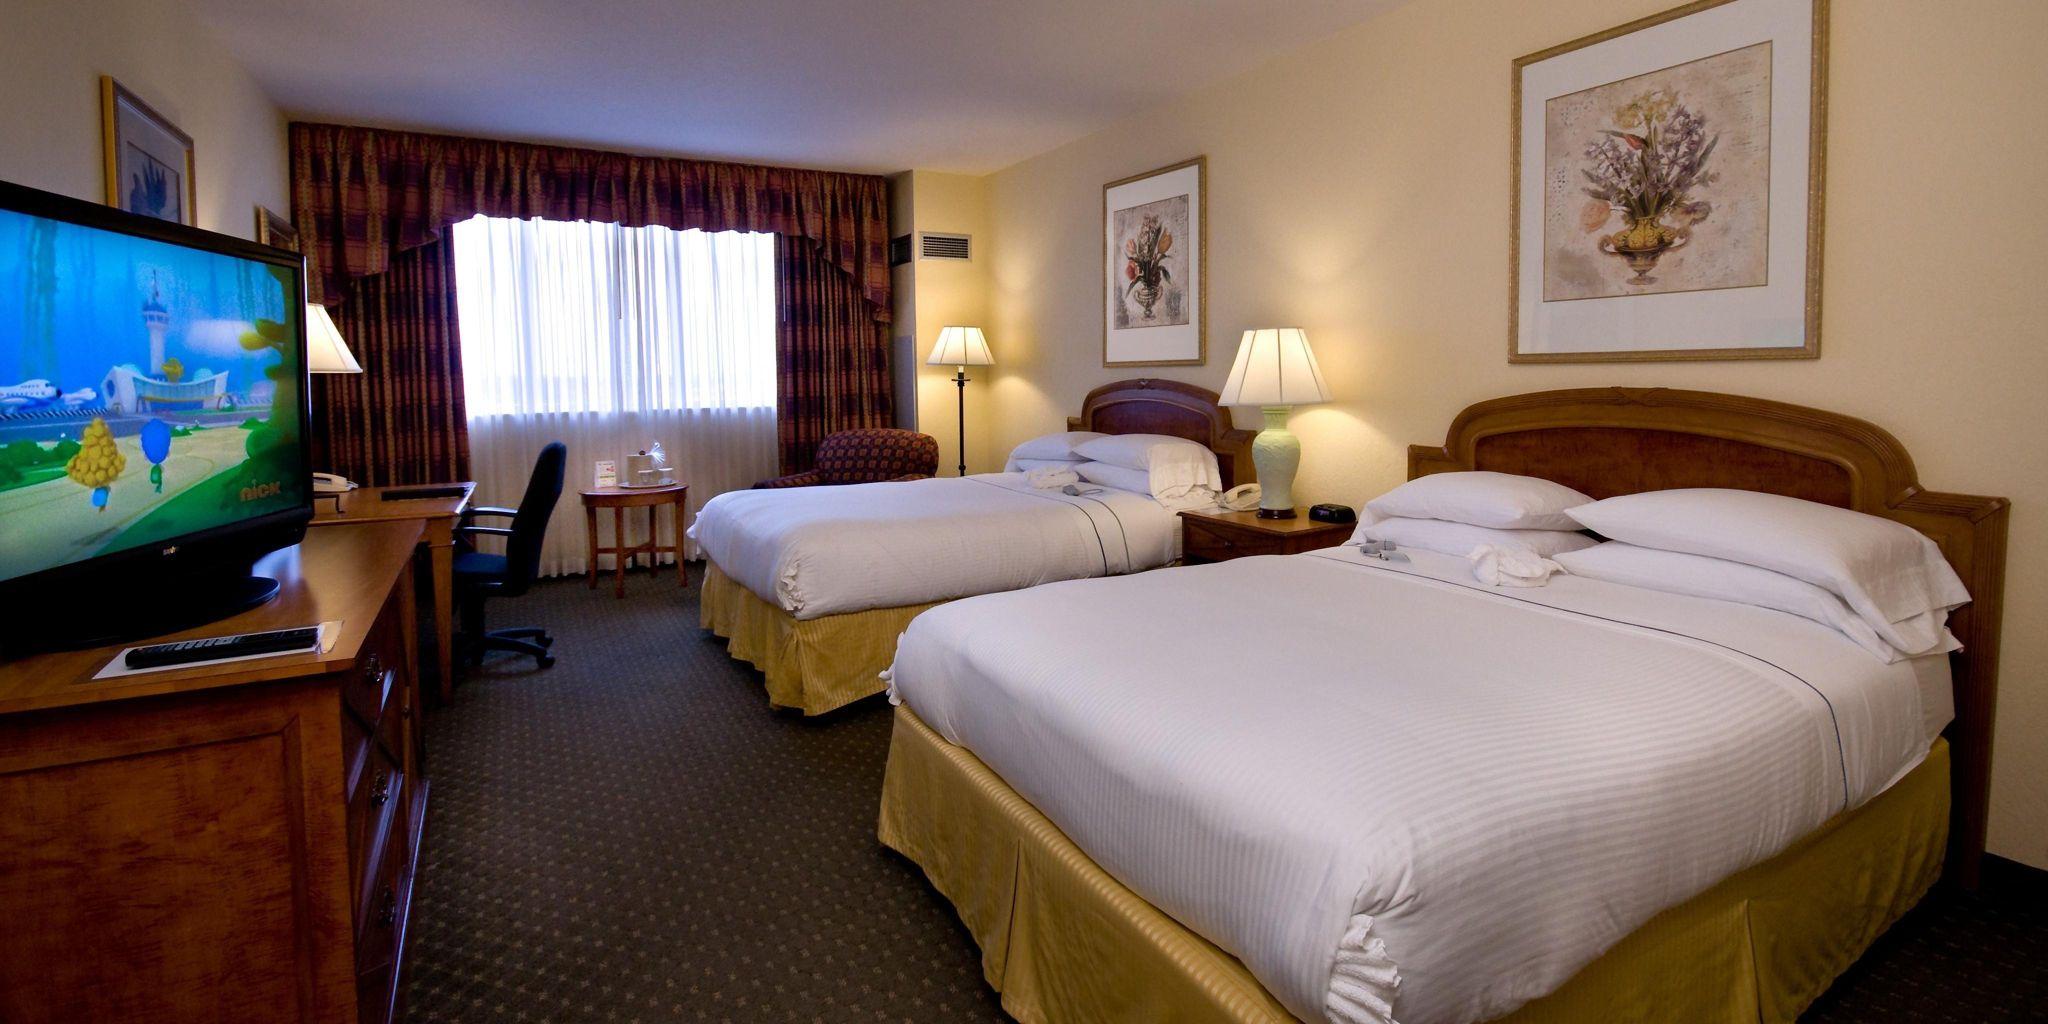 Allure Resort Orlando - Double Beds Room